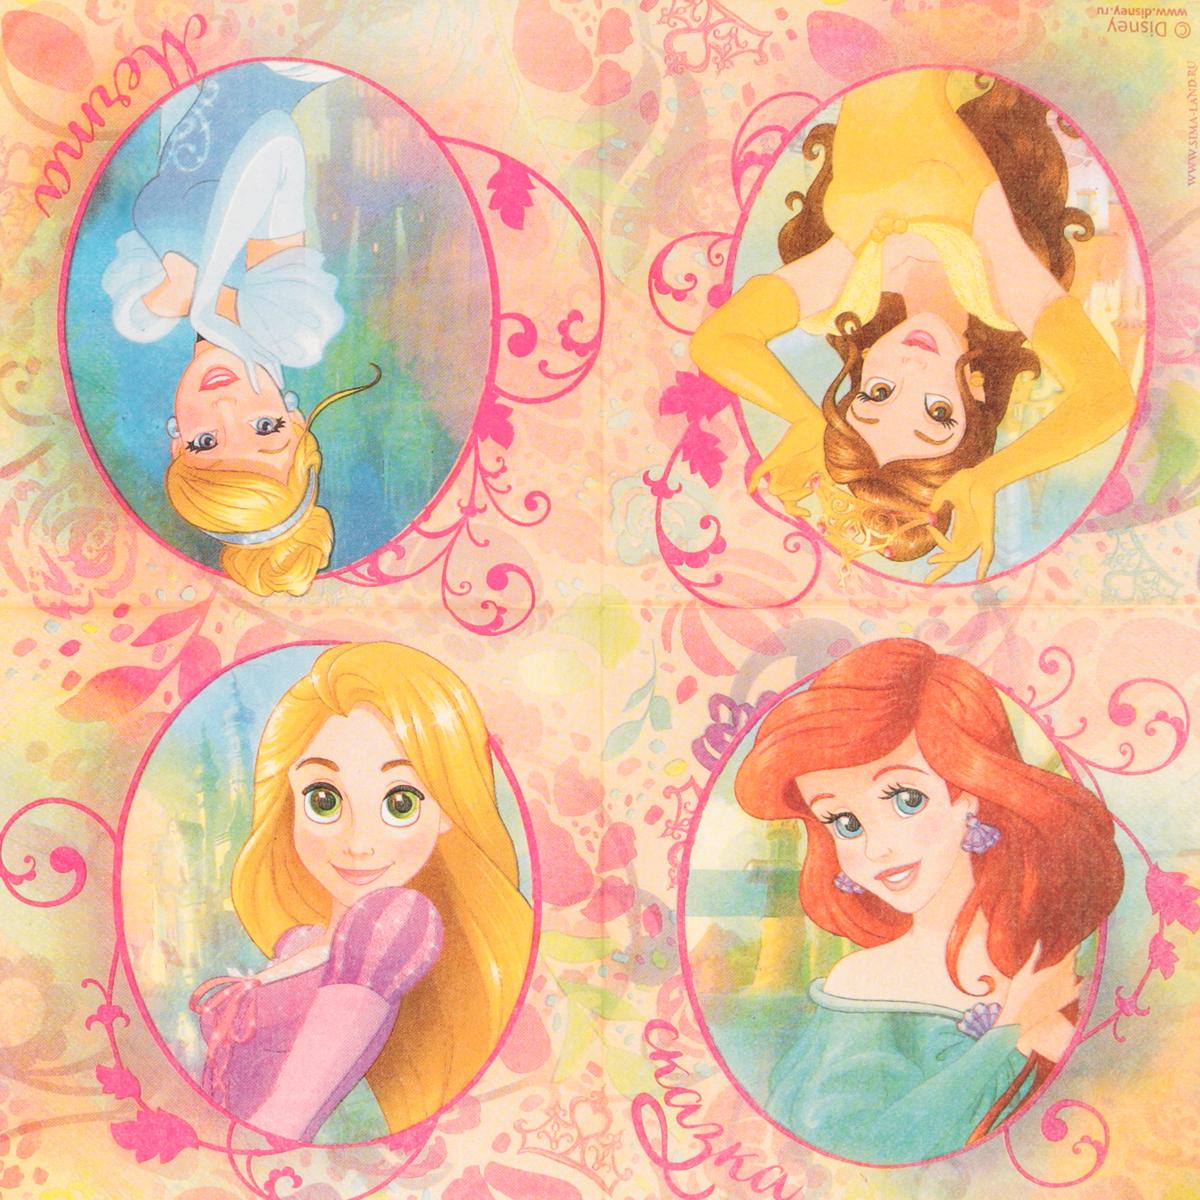 Салфетка для декупажа Disney Принцессы. Сказочная мечта, 33 х 33 см1189469Салфетка для декупажа Disney Принцессы. Сказочная мечта, изготовленная из бумаги, оформлена ярким принтом. С помощью такой бумаги можно оформить практически любой предмет интерьера или сувенир к предстоящим зимним праздникам. Порадуйте себя и своих близких, выполненным шедевром своими руками! Декупаж - техника декорирования различных предметов, основанная на присоединении рисунка, картины или орнамента (обычного вырезанного) к предмету и далее покрытии полученной композиции лаком ради эффектности, сохранности и долговечности. Размер салфетки: 33 х 33 см.